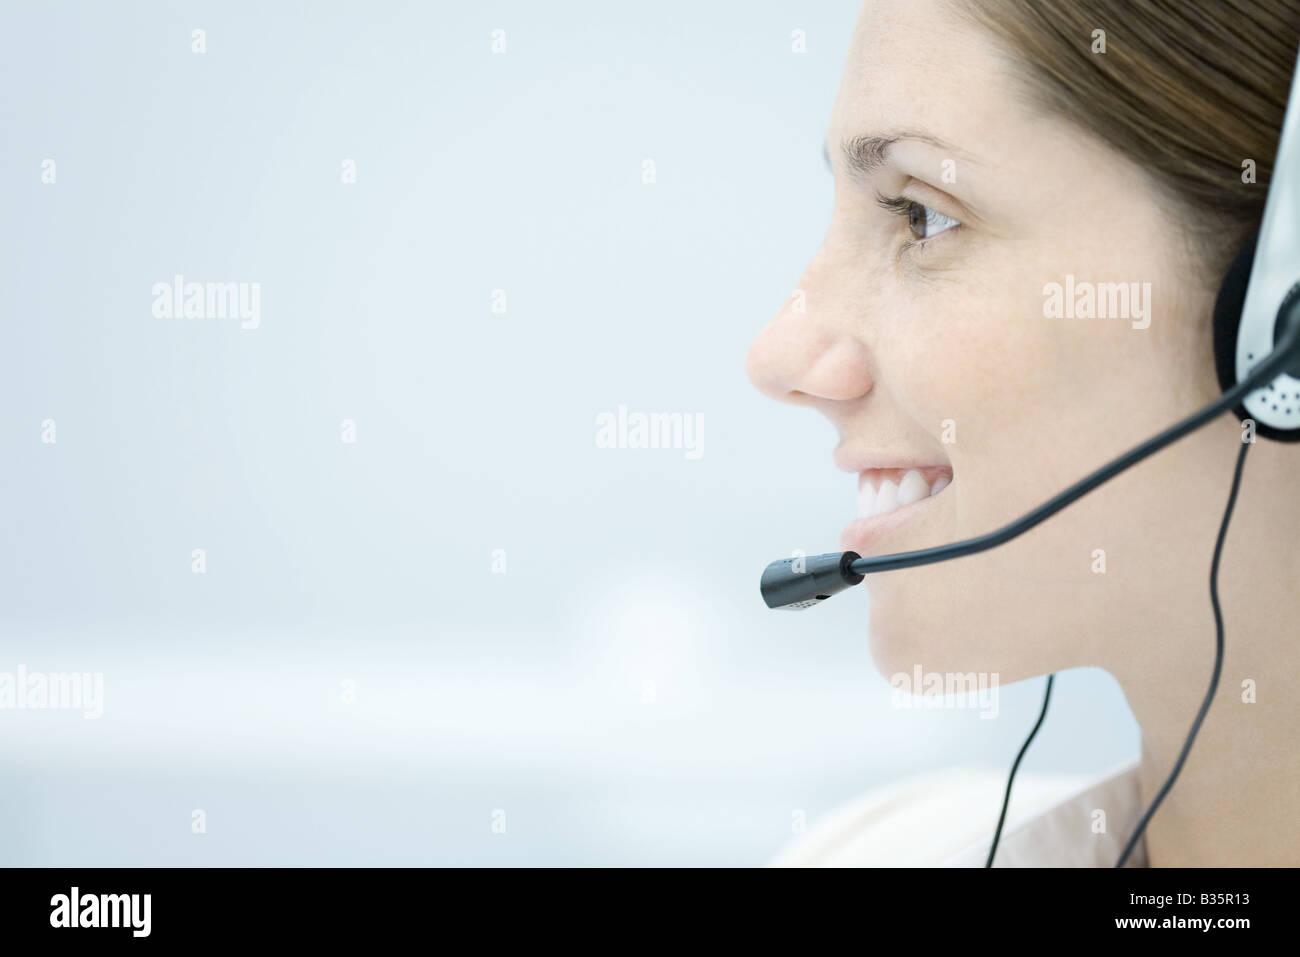 Junge Frau trägt Kopfhörer, schauen weg und lächelnd, Seitenansicht Stockbild